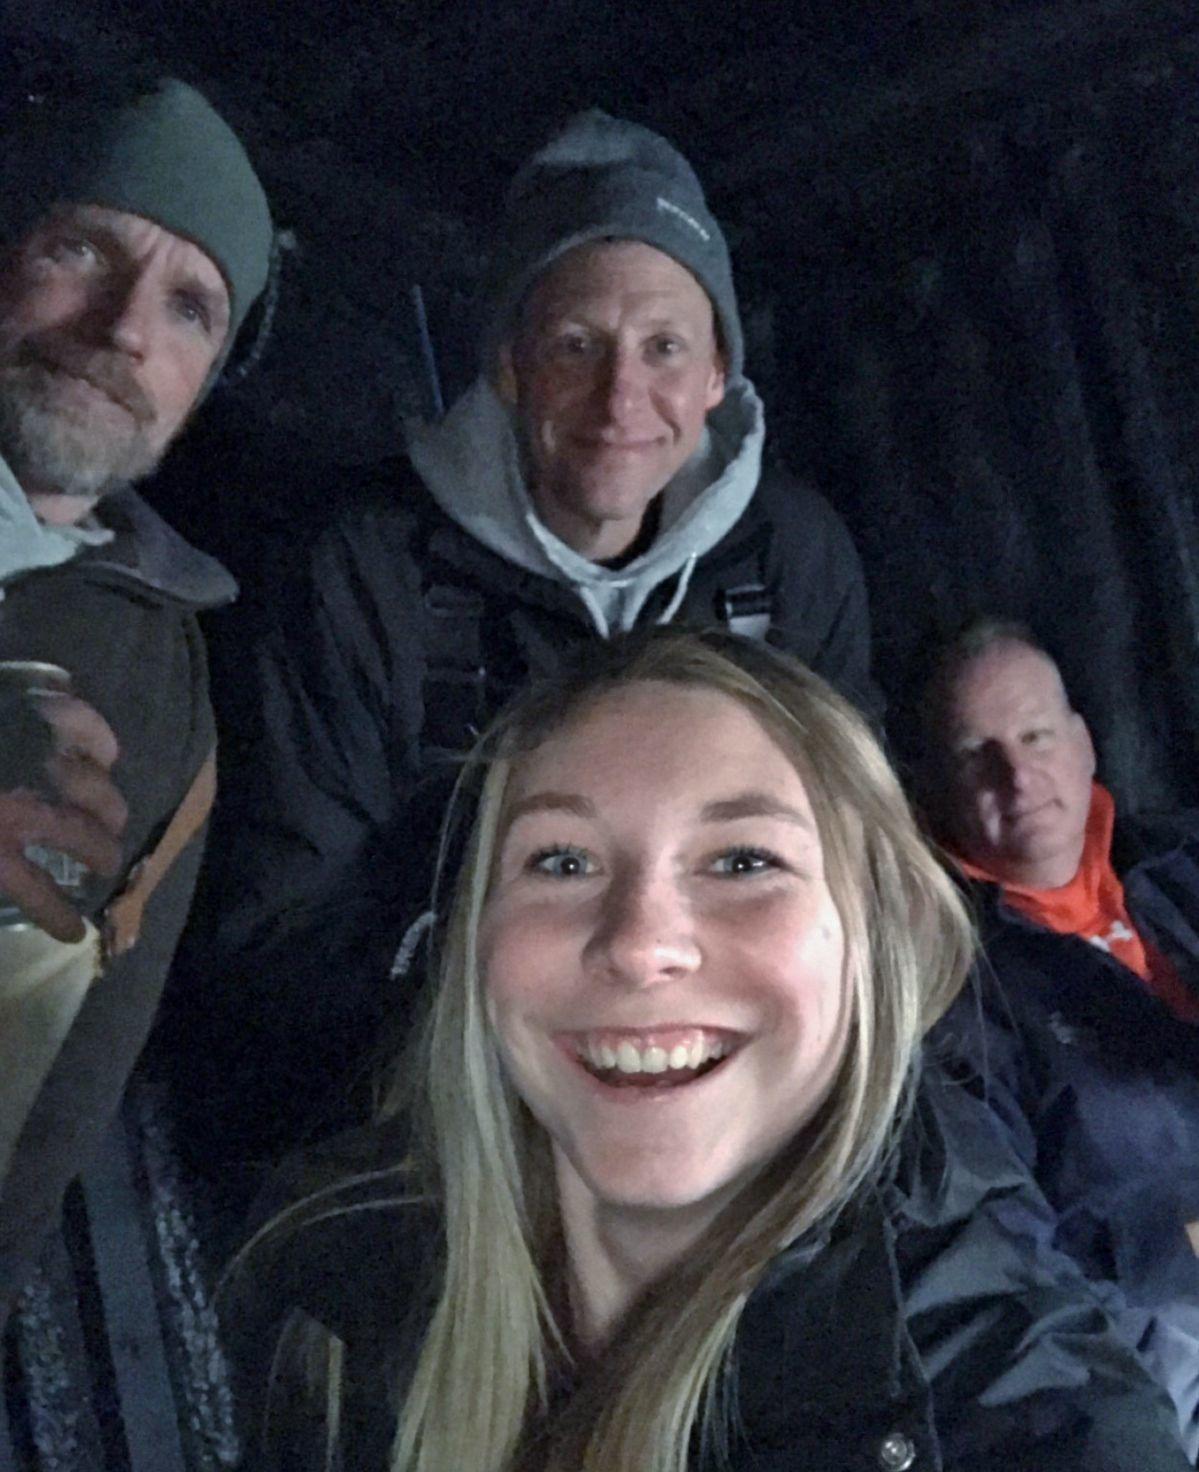 Selfie in shack